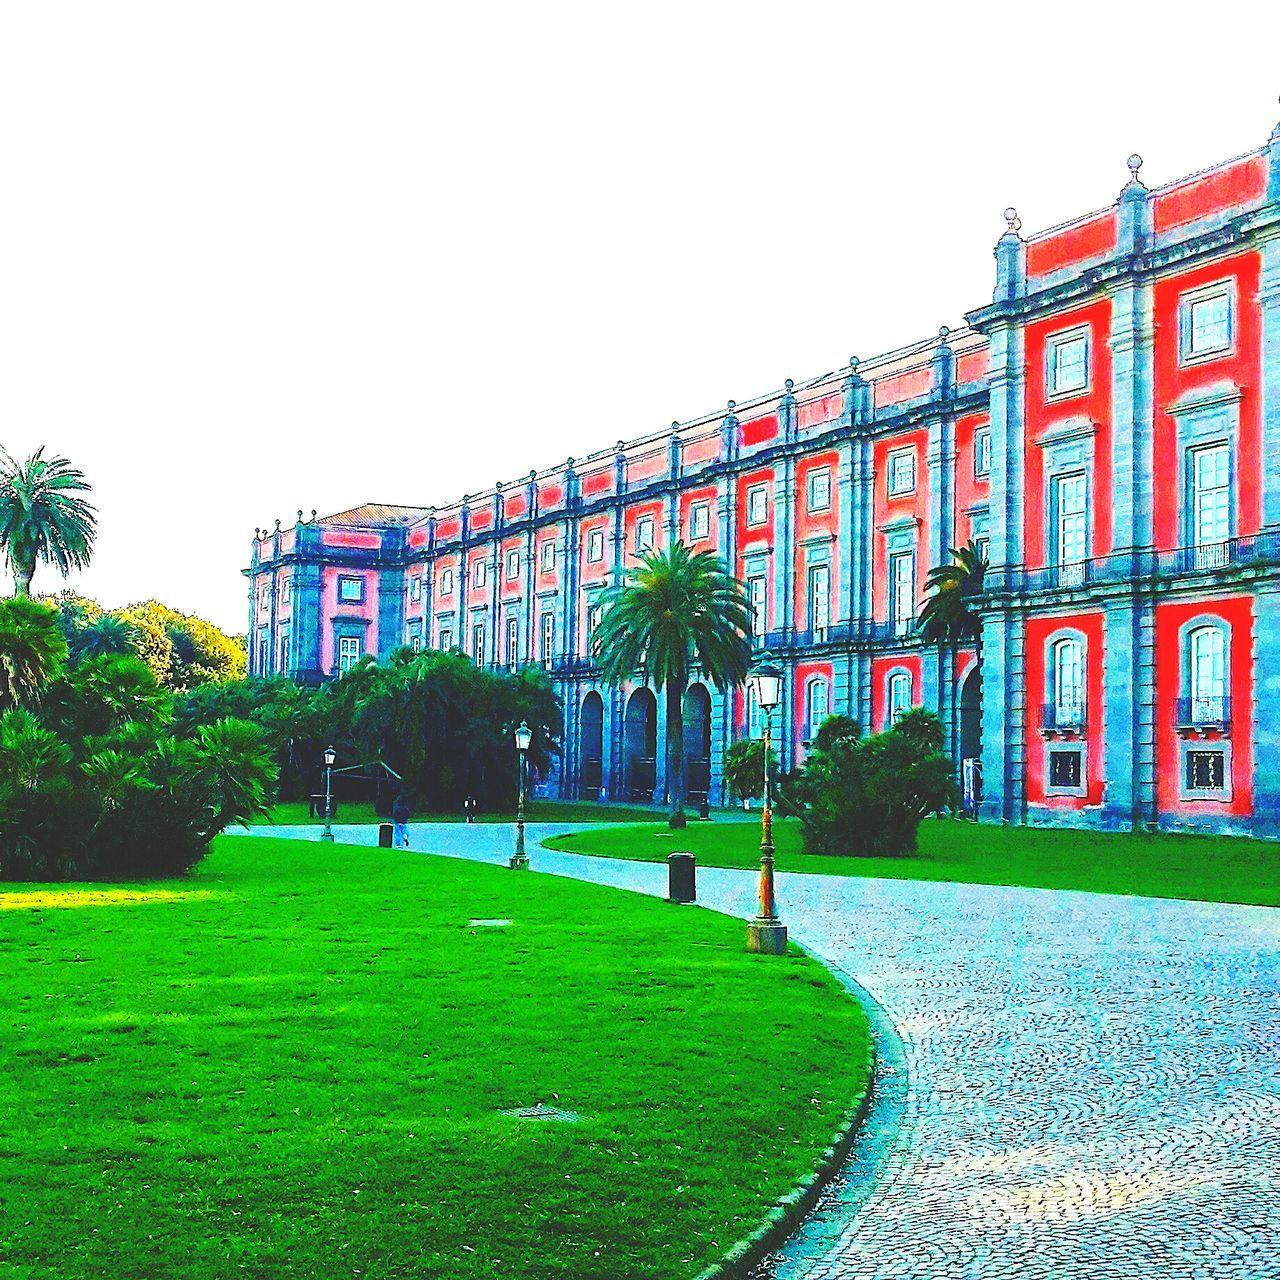 Palace Architecture Royalpalace Napoli Noble Noble Houses Noble County Garden Reggia Castle